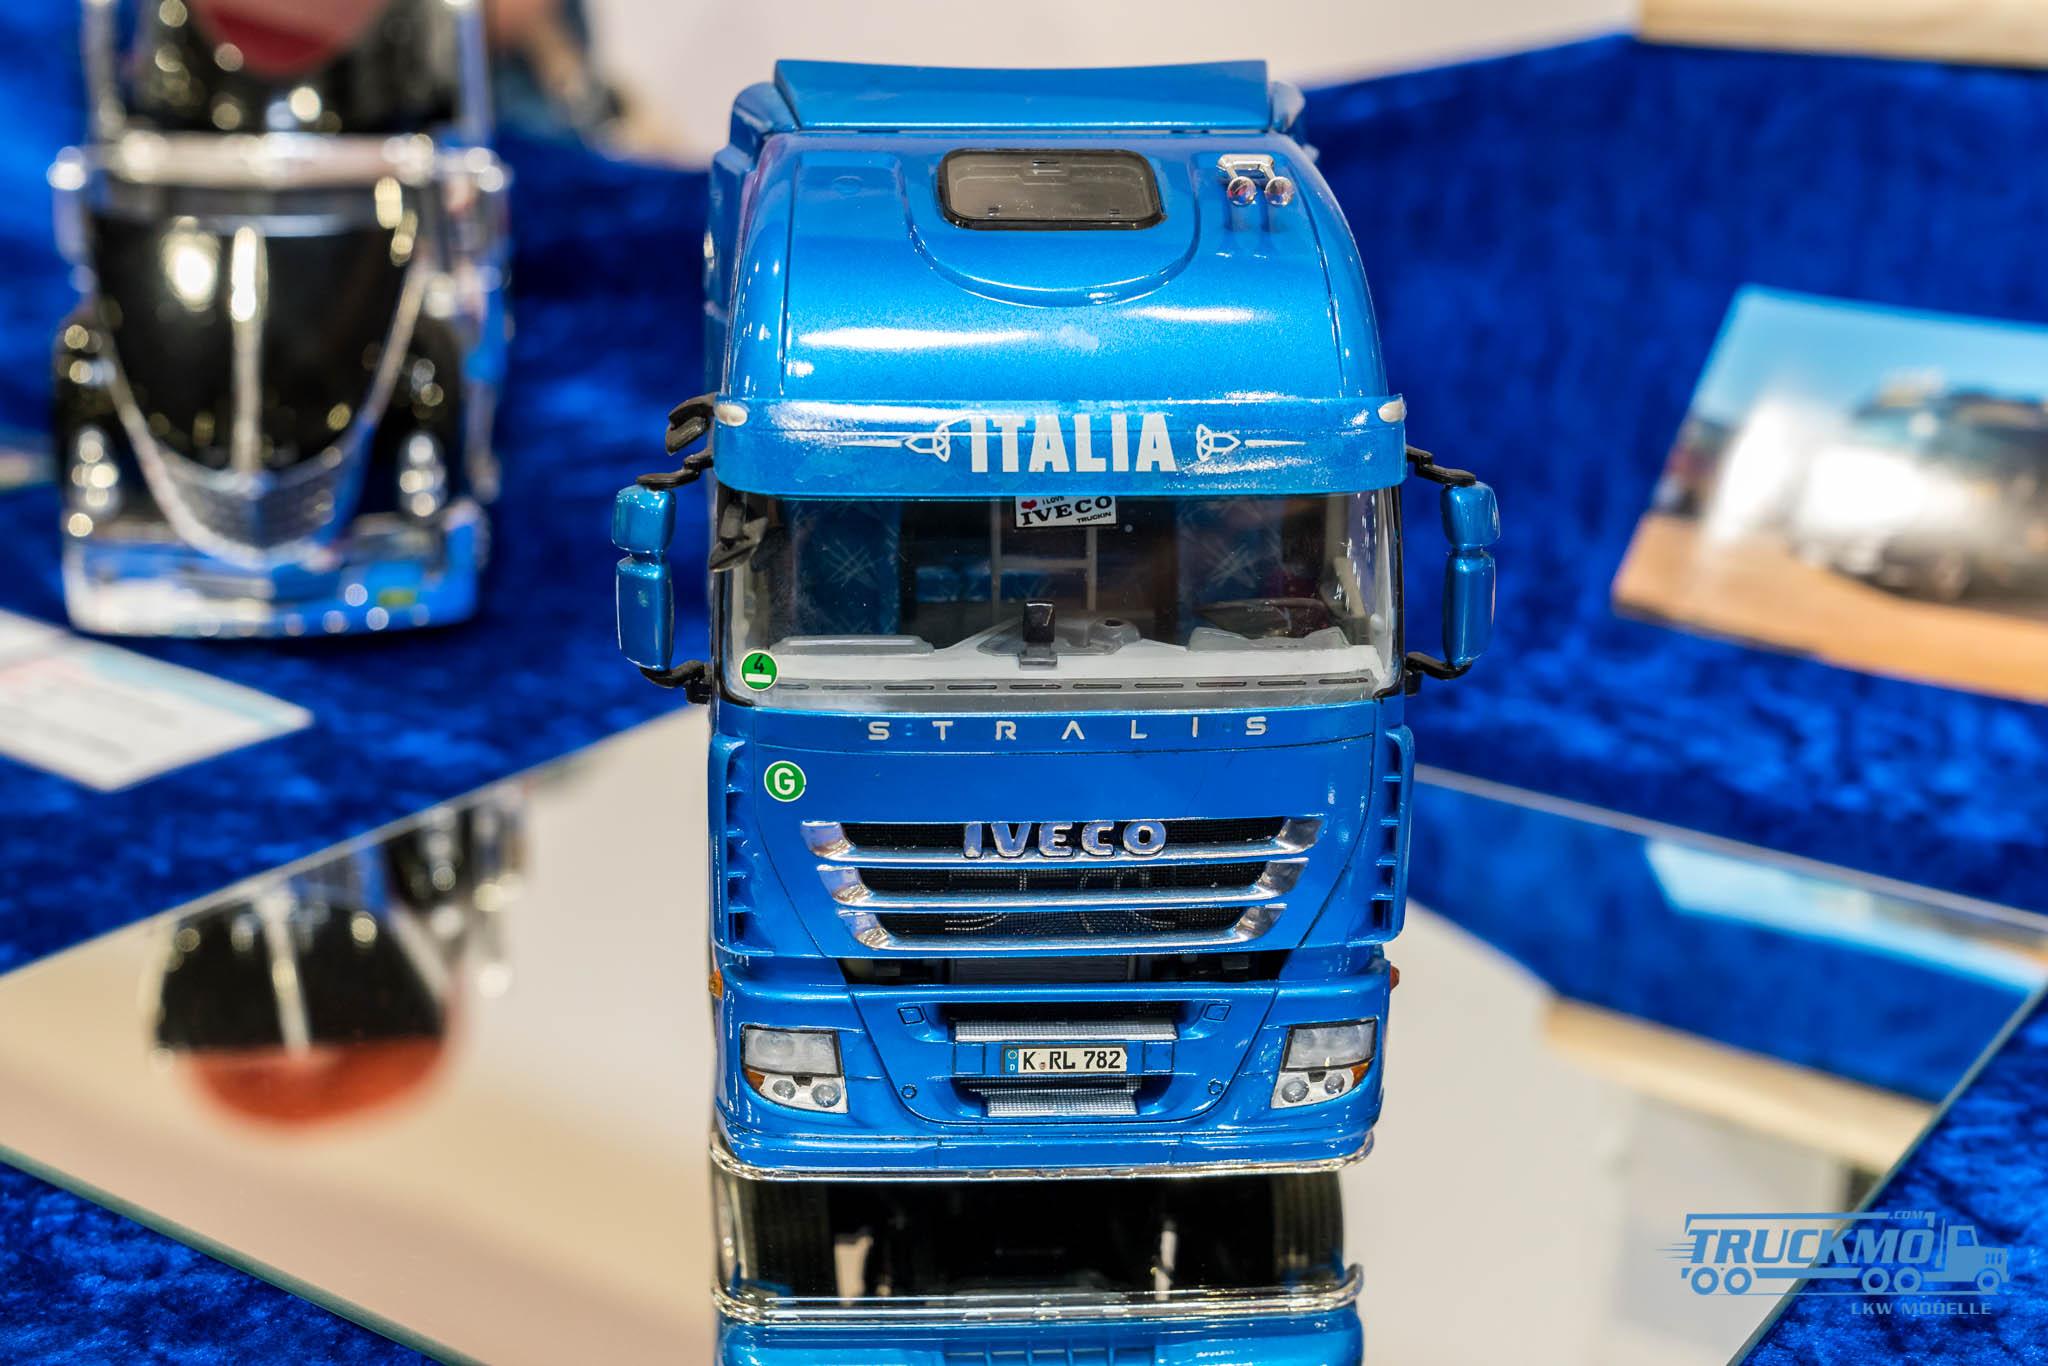 Truckmo_Modellbau_Ried_2017_Herpa_Messe_Modellbauausstellung (510 von 1177)